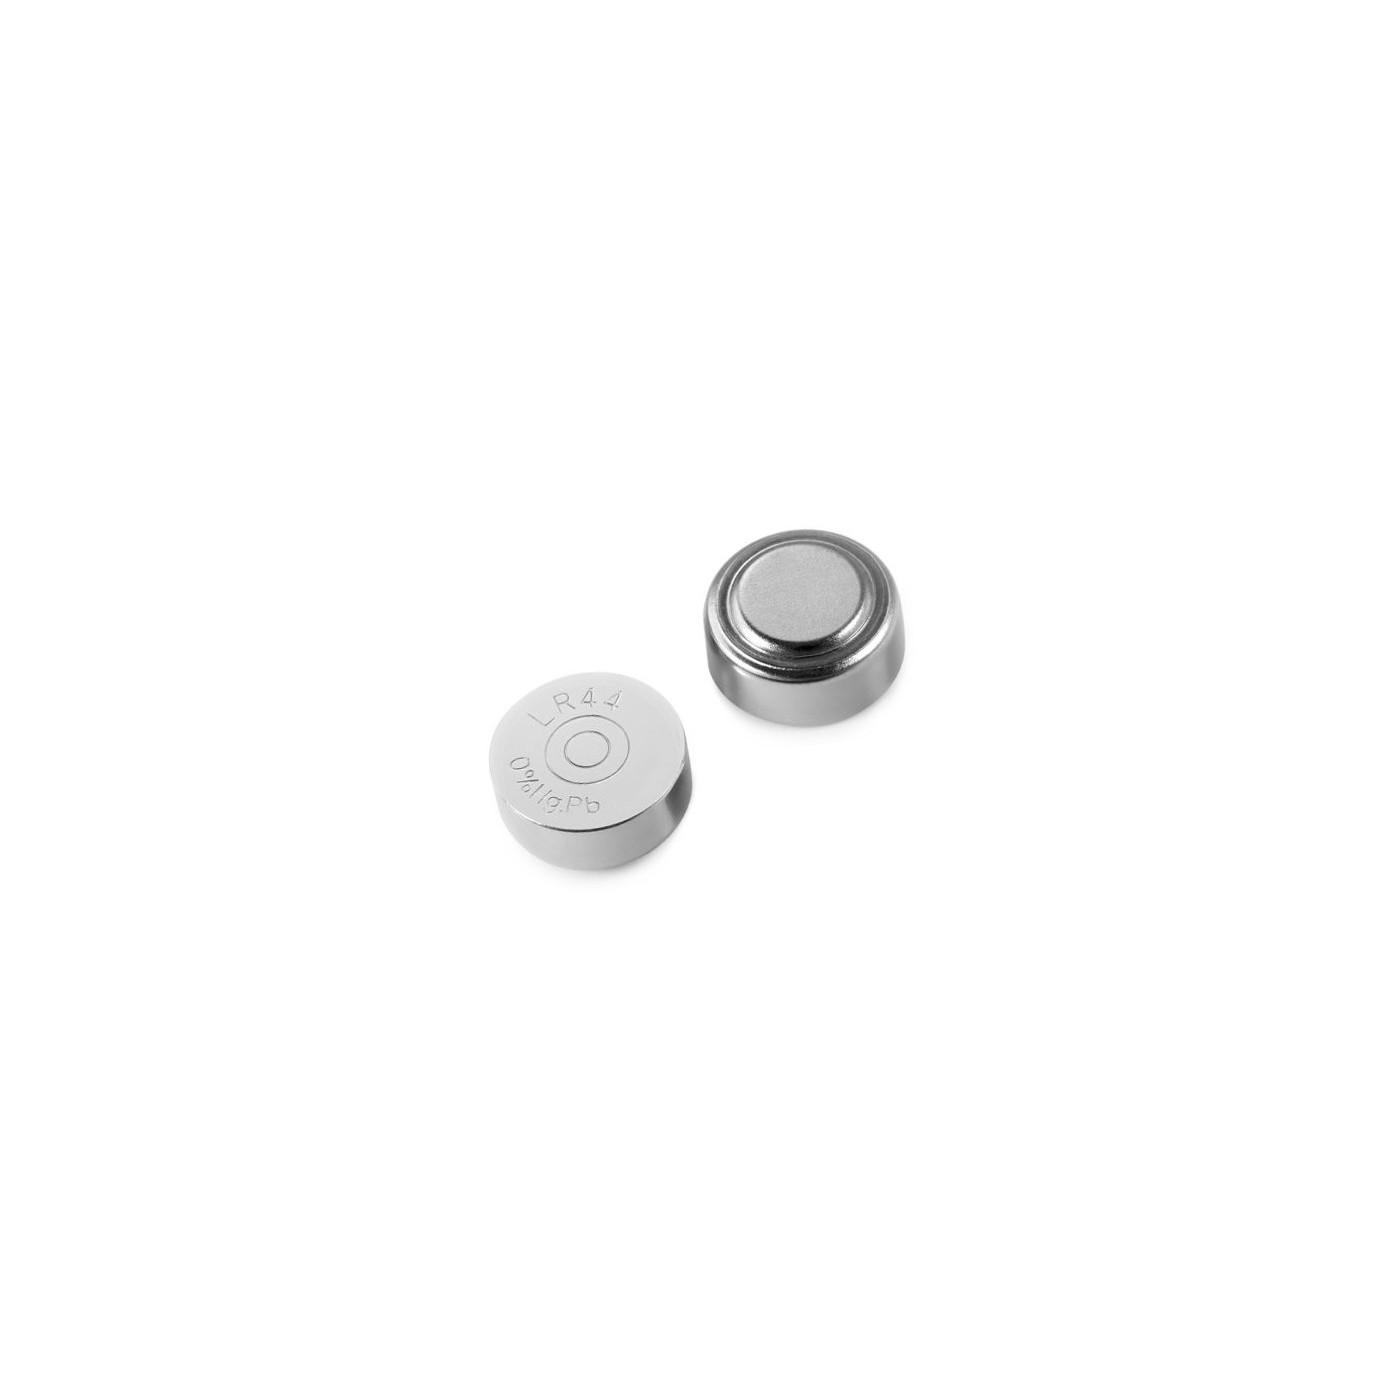 Set von 10 AG13/357A/CX44/LR44W-Batterien (Knopfzellen, 1,55 V)  - 1